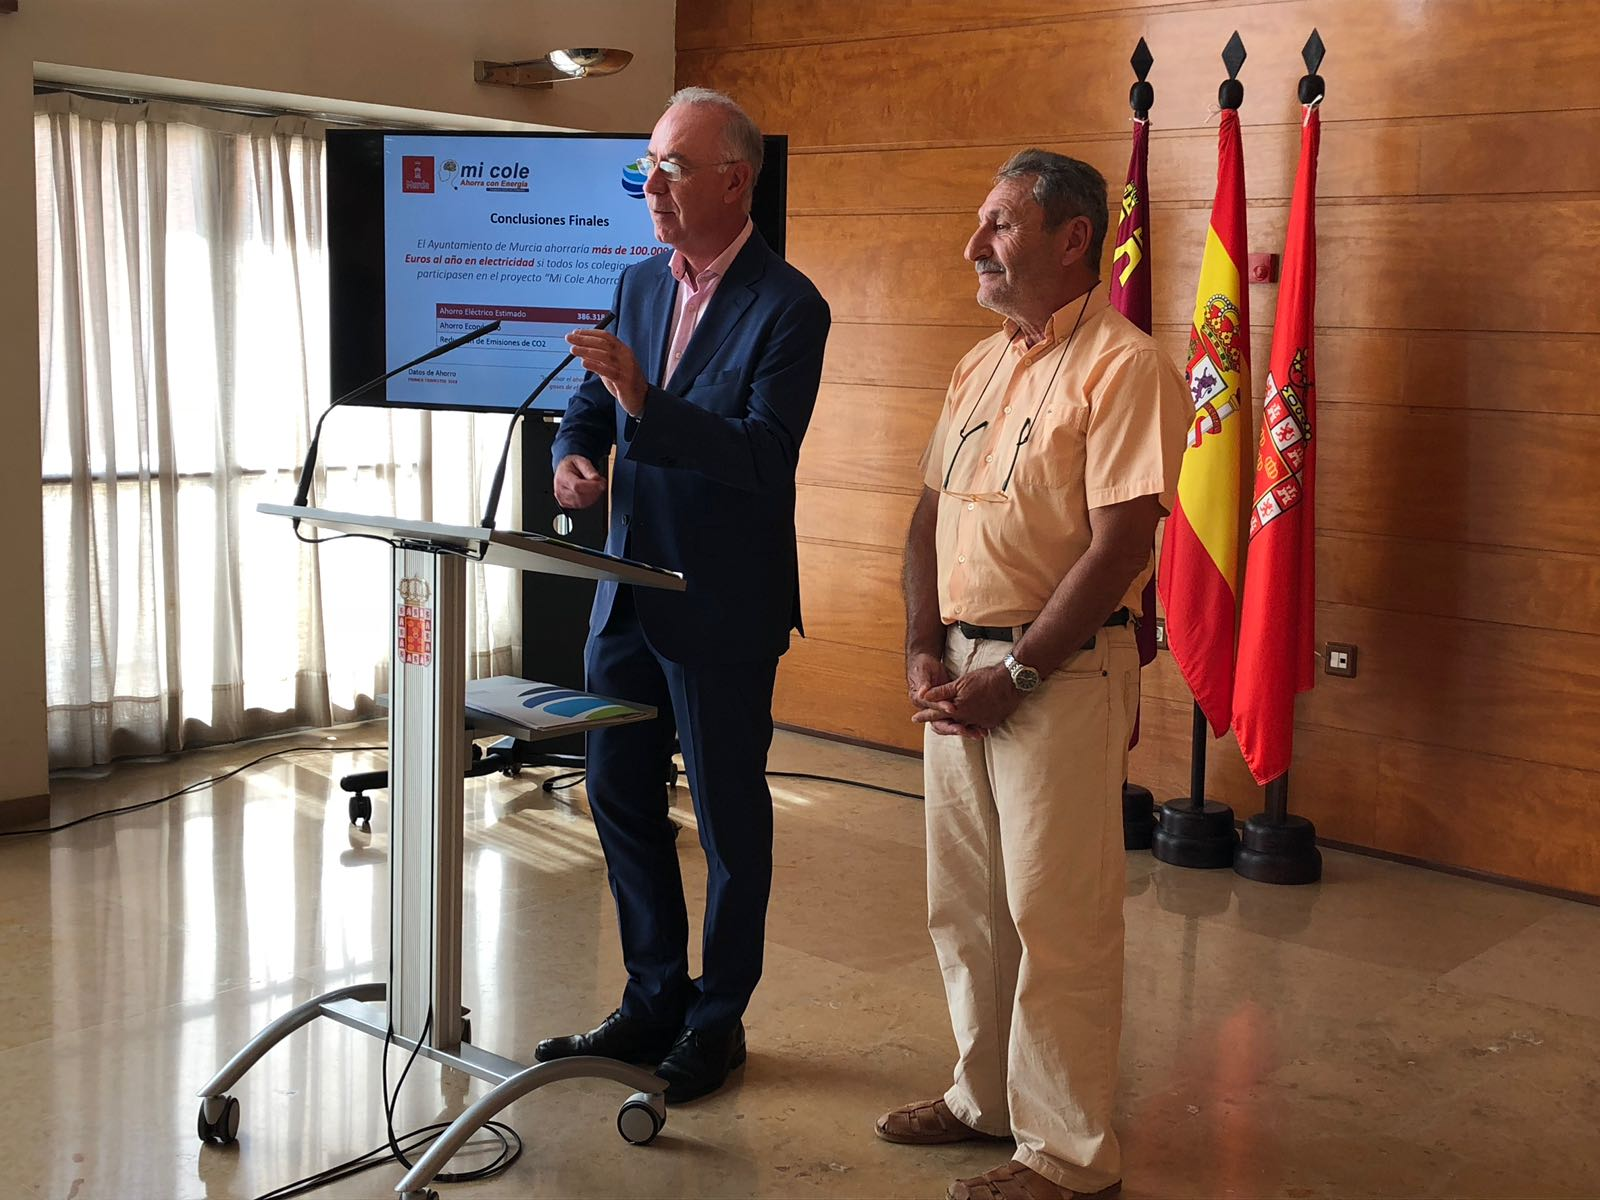 A70EC94D 83C7 40E0 9ED3 E5177EECF449 - El Ayuntamiento de Murcia reduce sus emisiones de CO2 en casi 2 toneladas durante el primer trimestre del 2018 gracias al proyecto 'Mi Cole Ahorra con Energía'